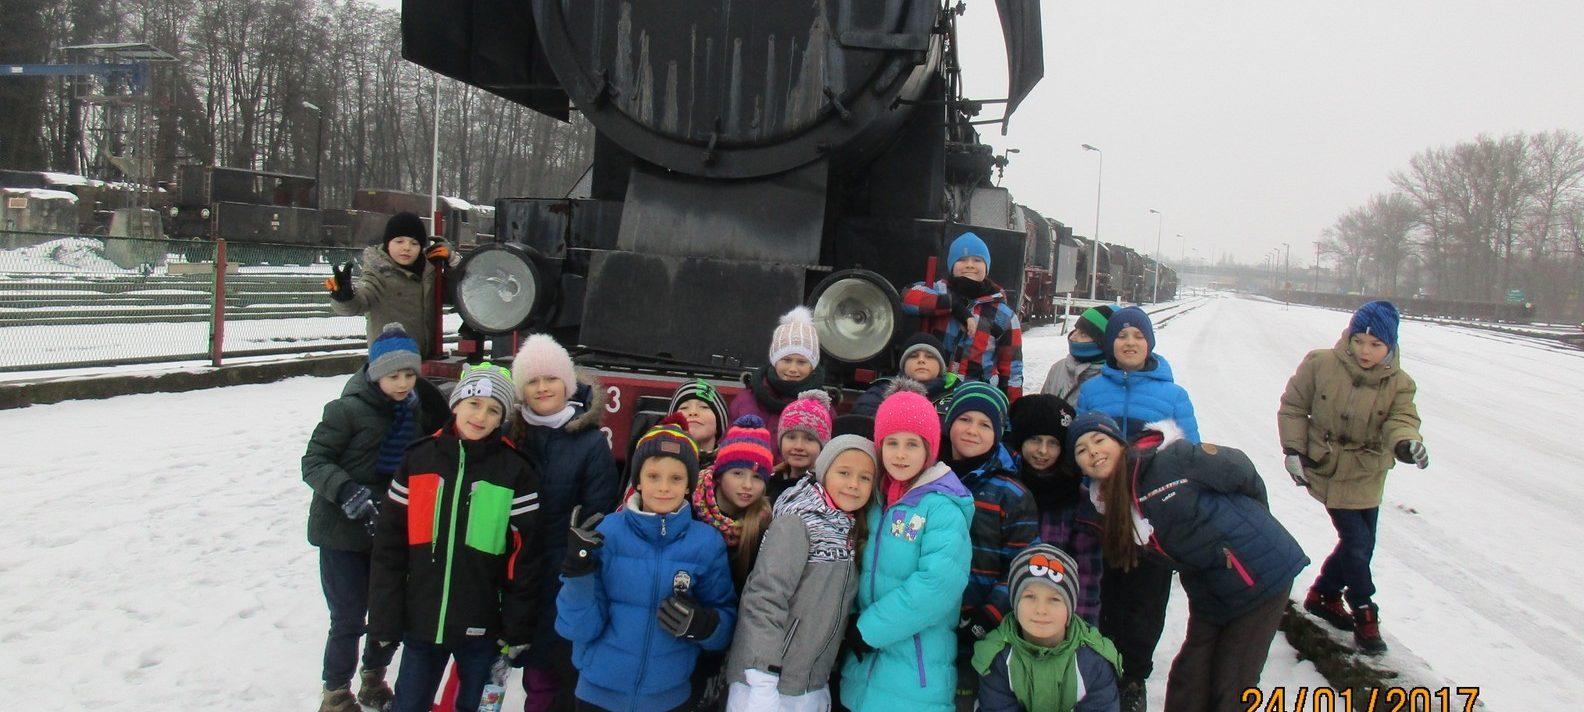 Trzydniowy pobyt 3g w Domu Wczasów Dziecięcych we Wroniawach koło Wolsztyna